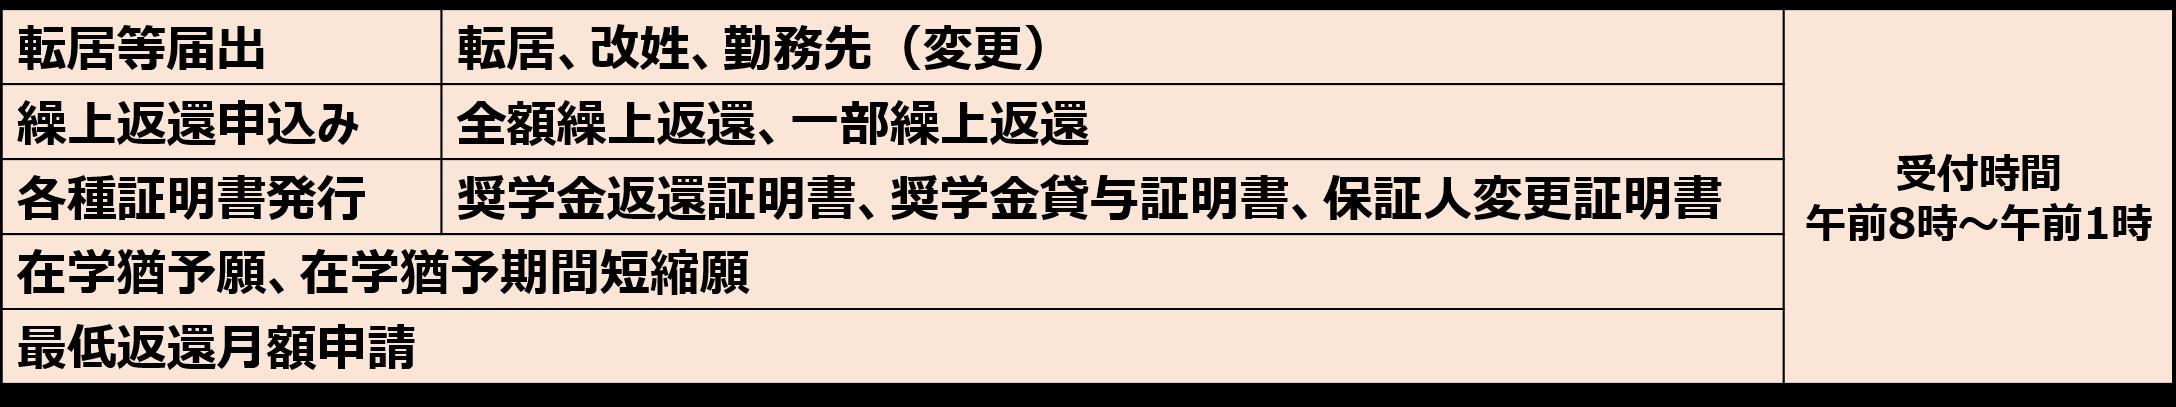 スカラネット・パーソナル1